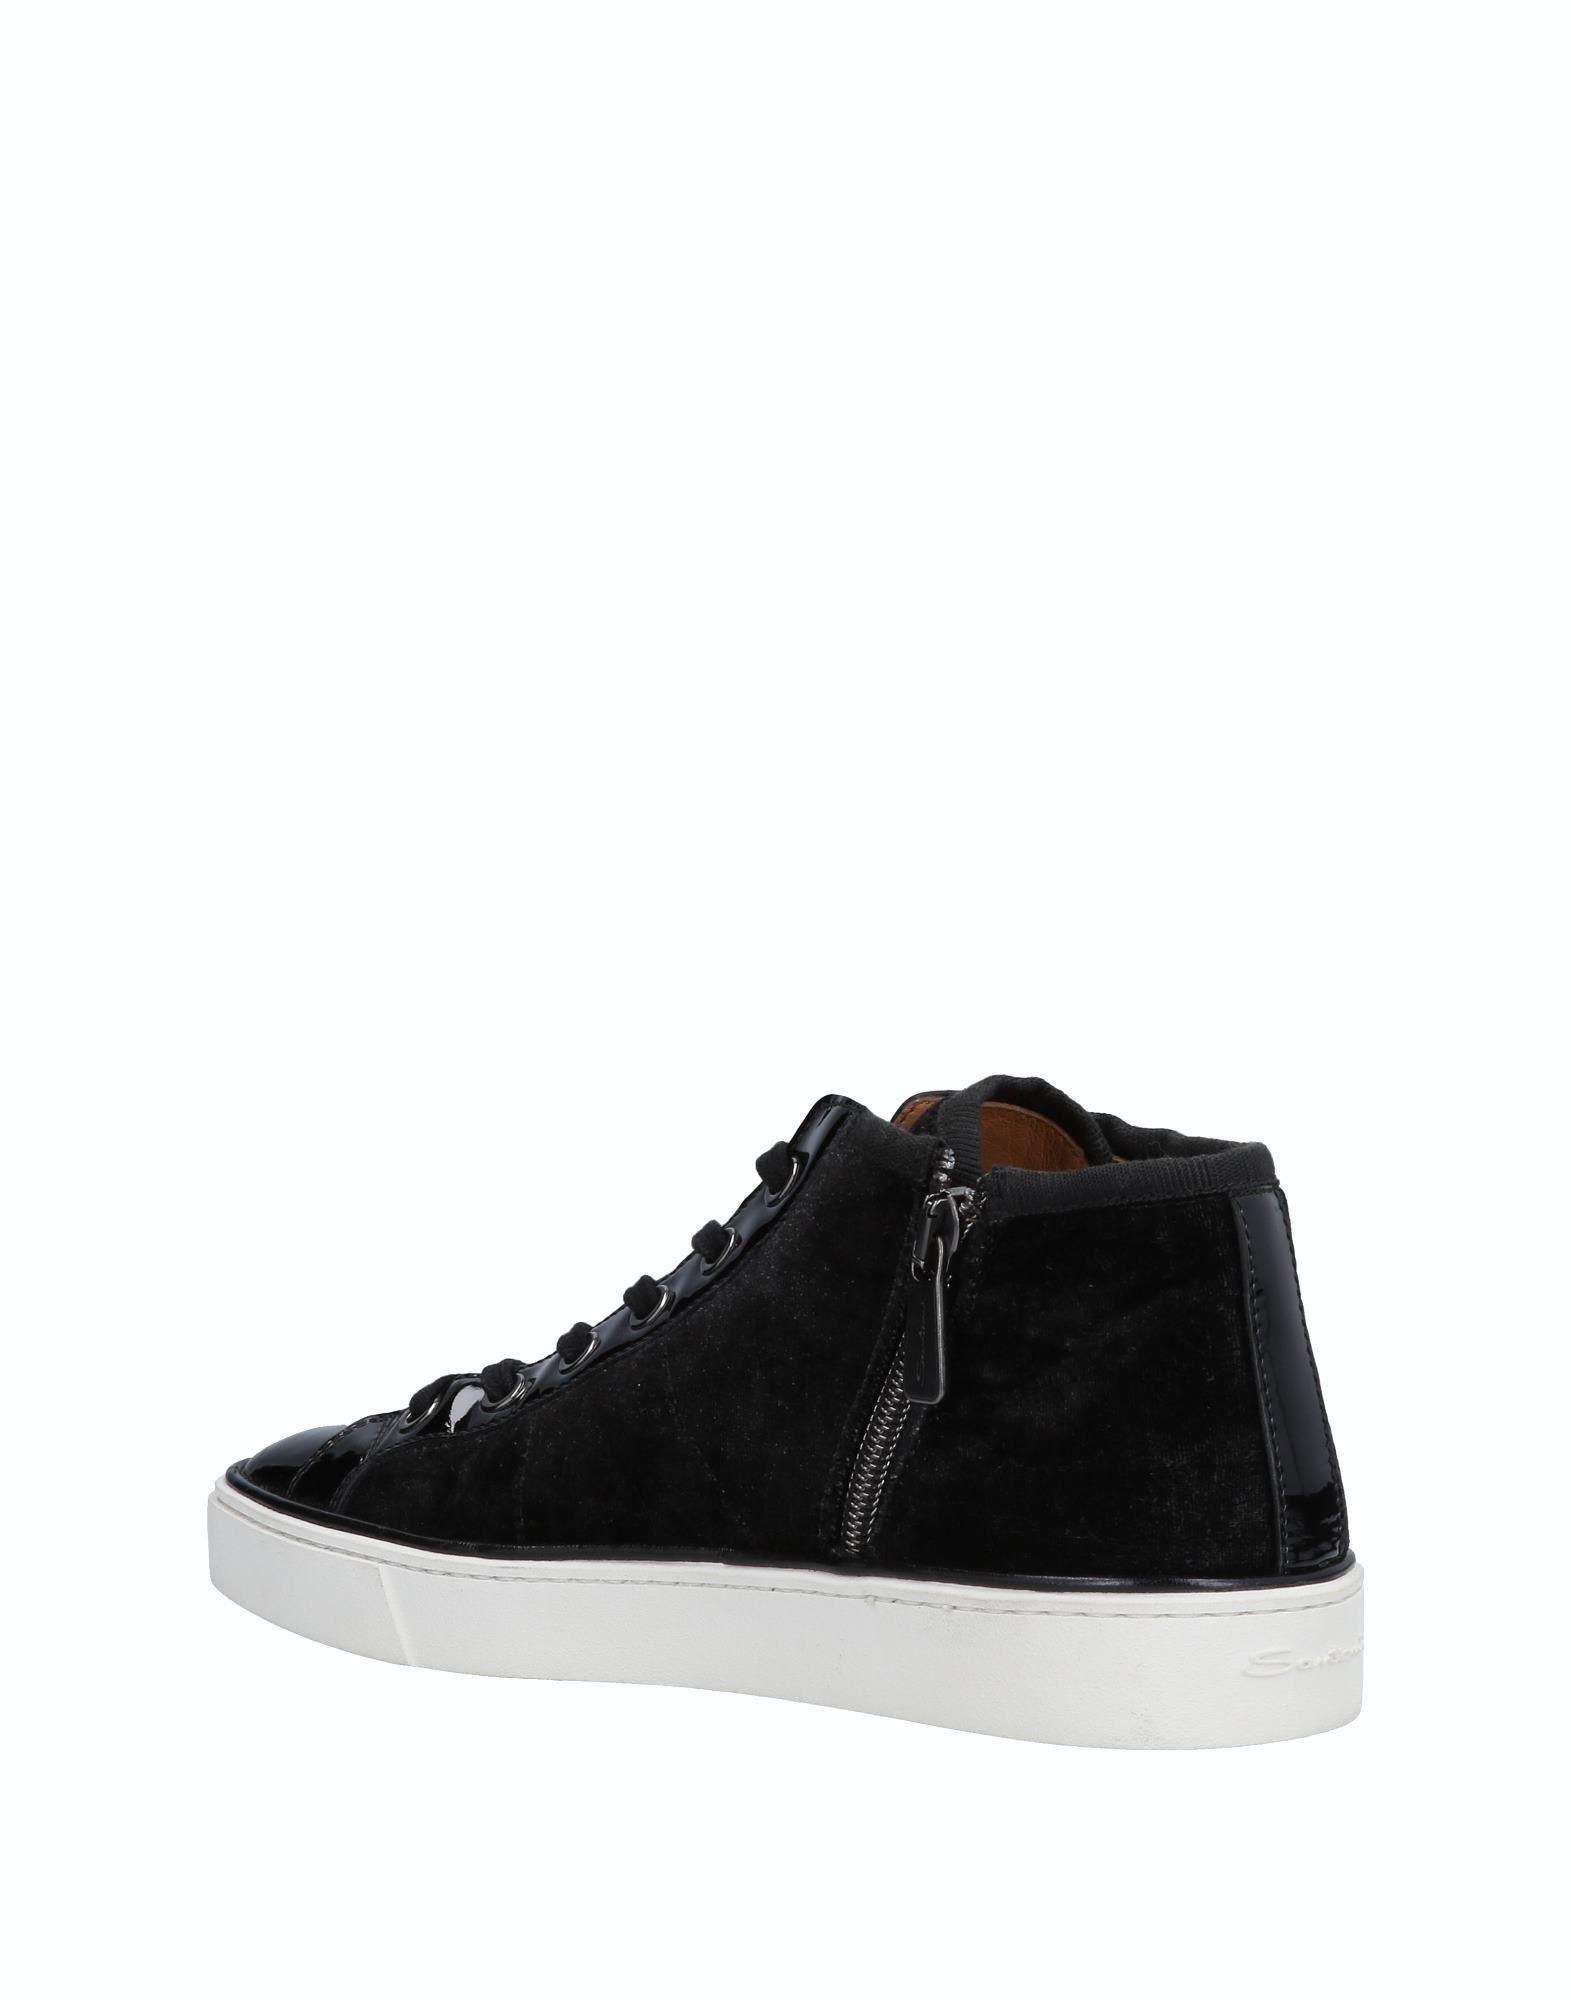 Santoni Sneakers sich Damen Gutes Preis-Leistungs-Verhältnis, es lohnt sich Sneakers 998852